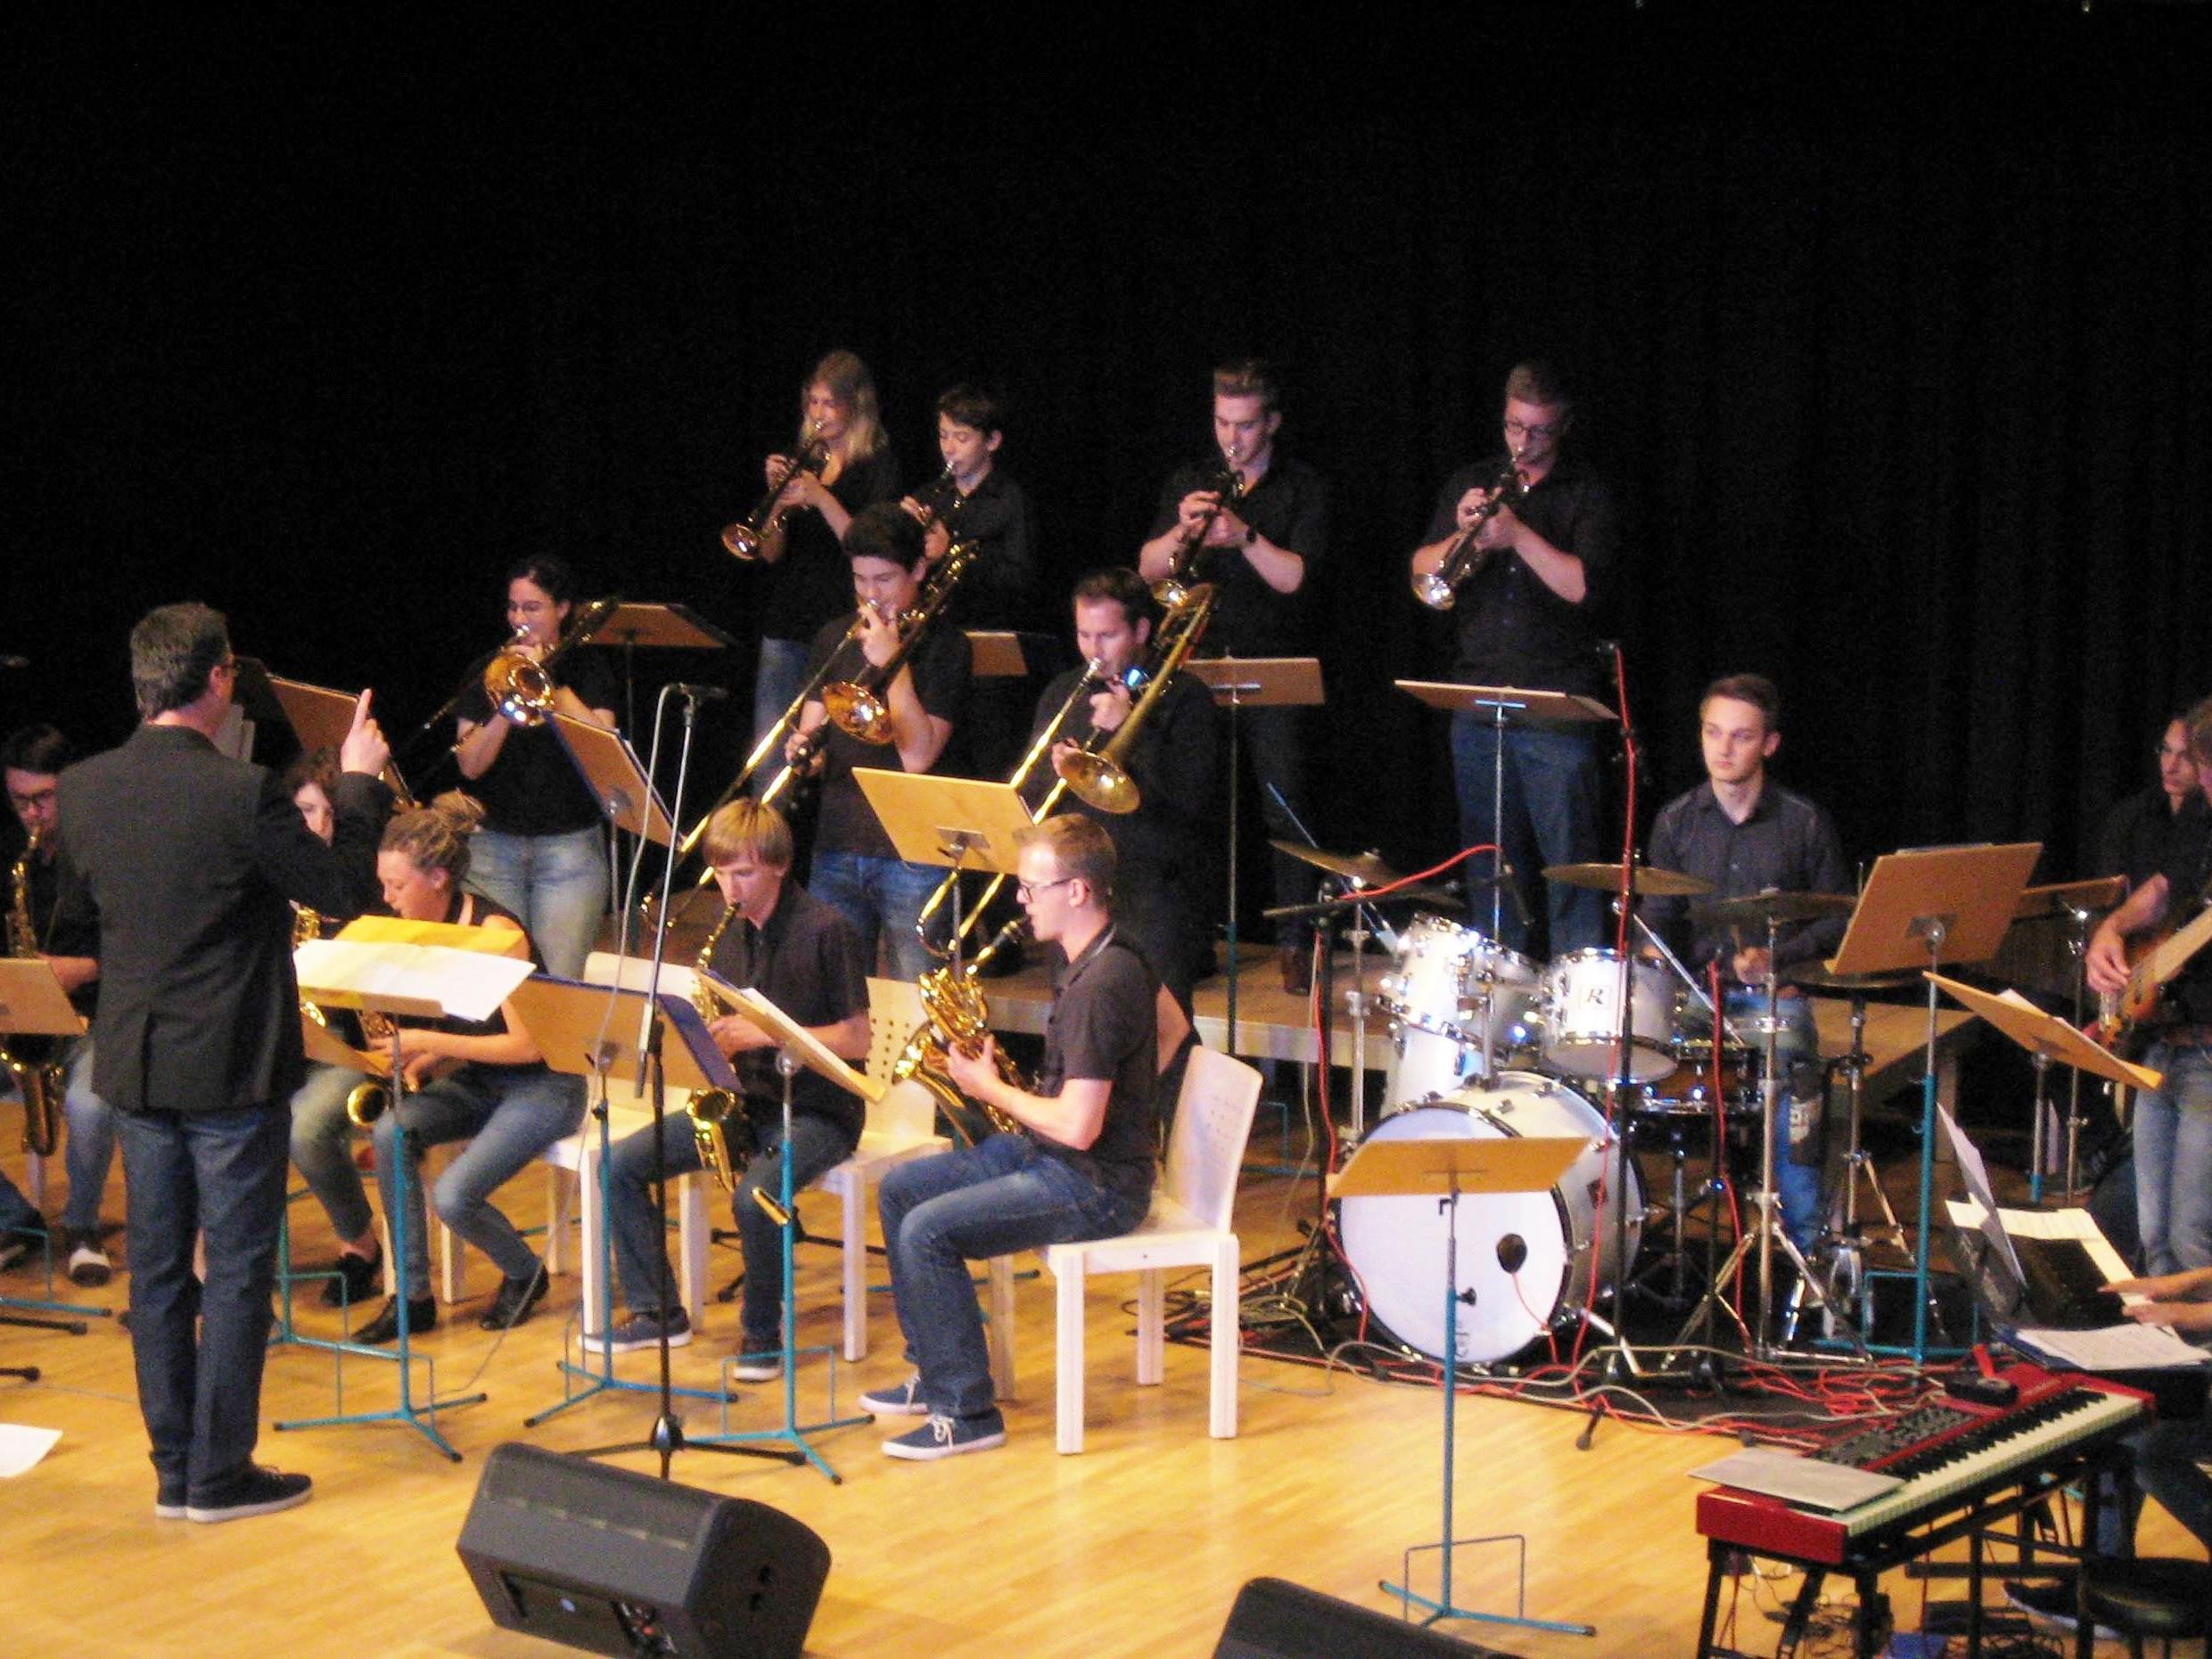 Die jungen Künstler aus Hohenems, Götzis, Altach, Koblach, Mäder und Klaus gaben alles und überzeugten mit instrumentalen und vokalen Höchstleistungen.